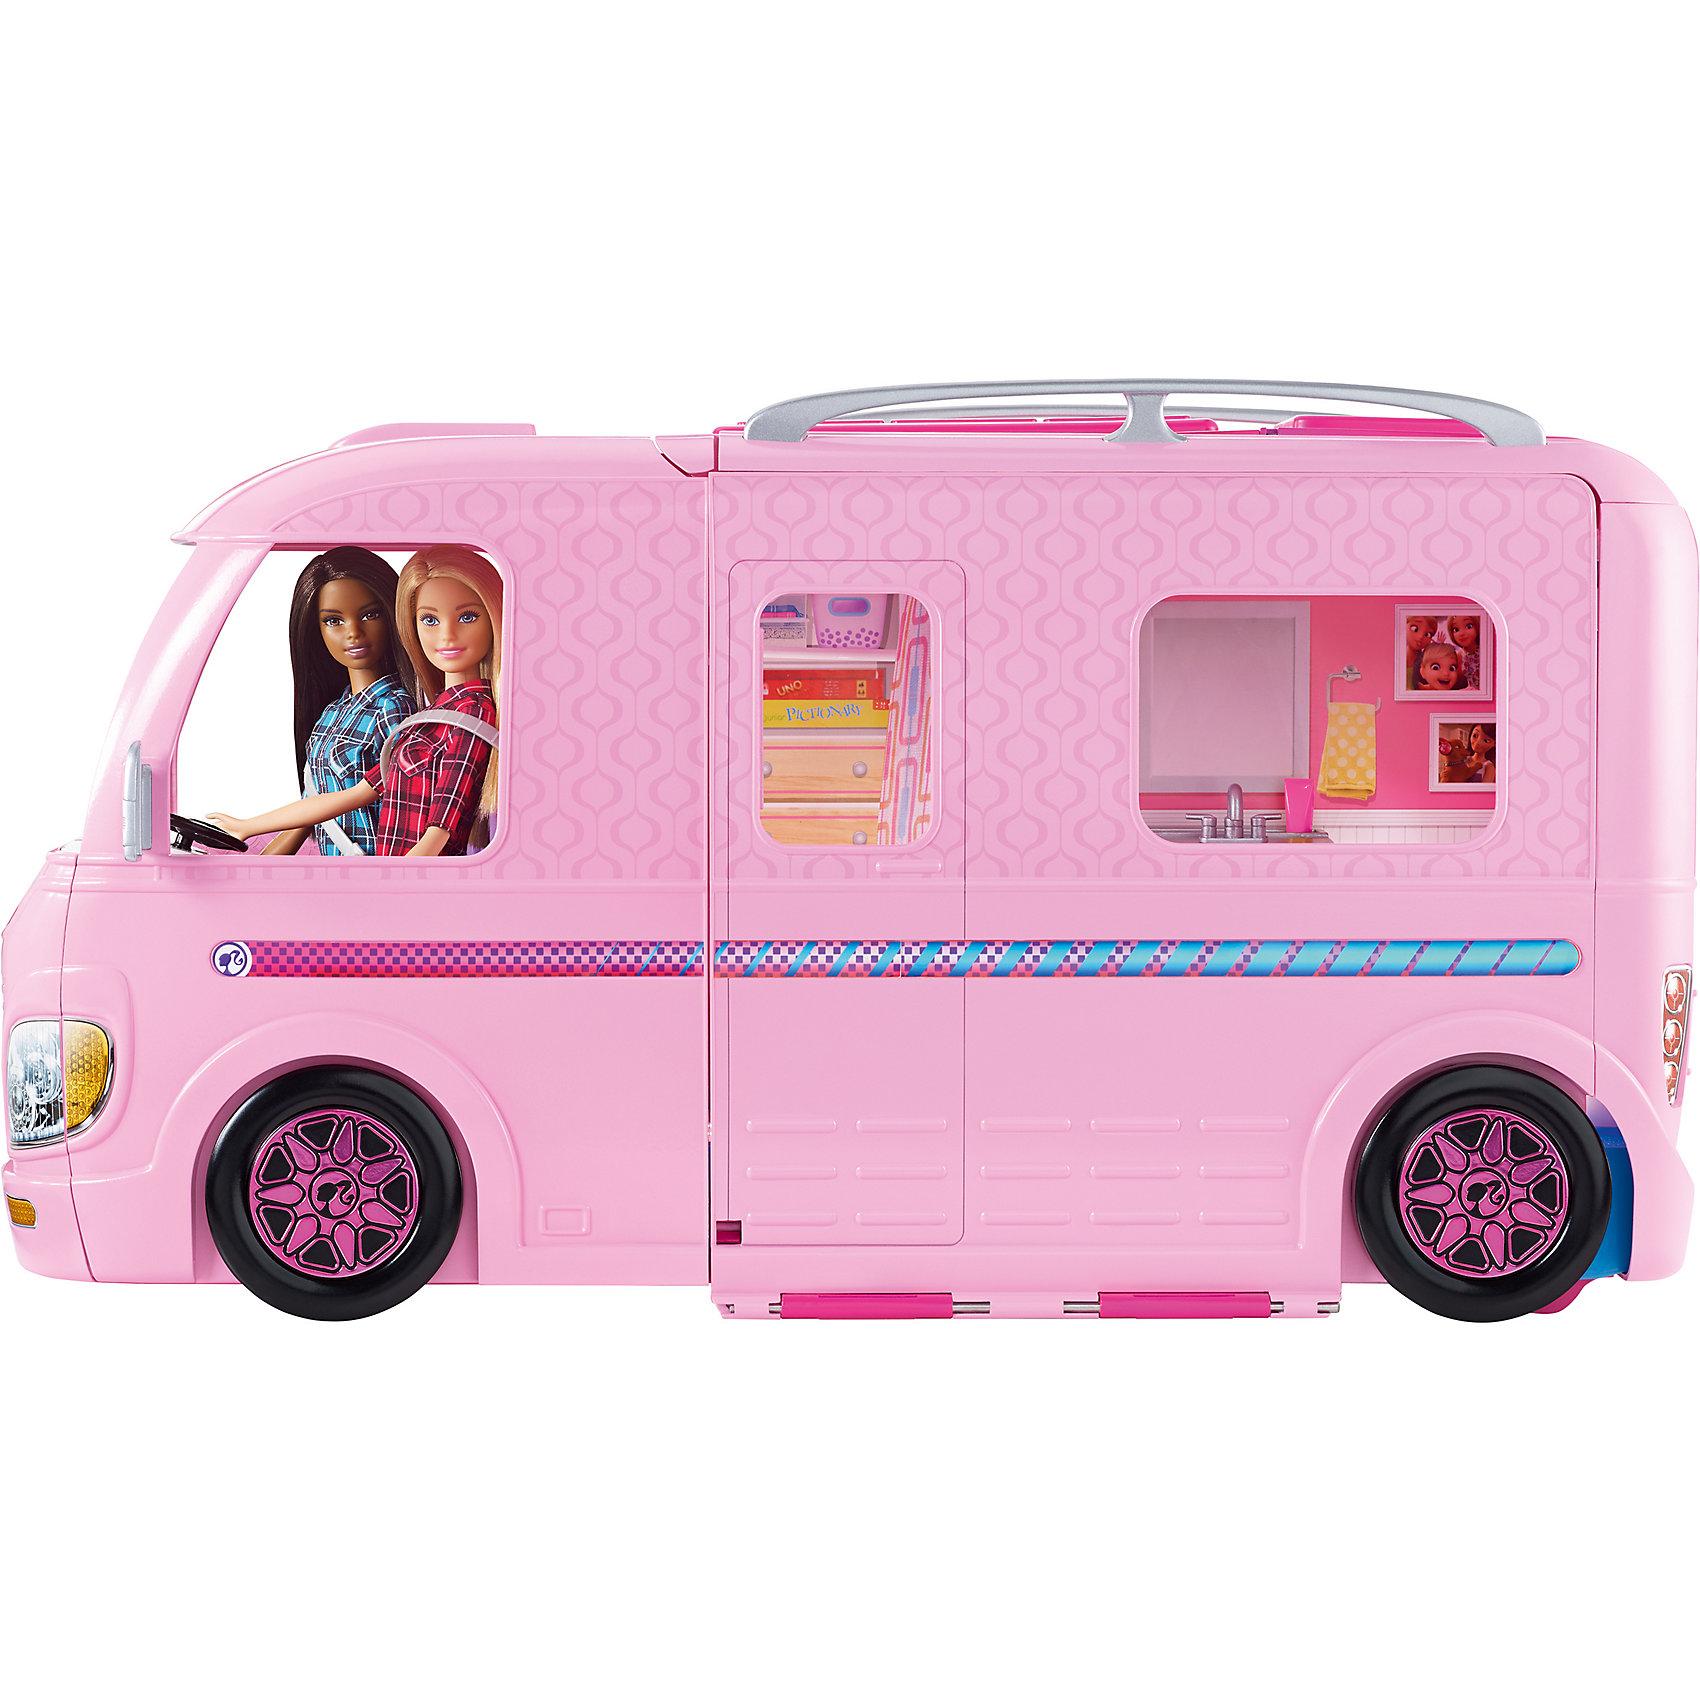 Волшебный раскладной фургон BarbieПопулярные игрушки<br><br><br>Ширина мм: 610<br>Глубина мм: 246<br>Высота мм: 350<br>Вес г: 5482<br>Возраст от месяцев: 36<br>Возраст до месяцев: 72<br>Пол: Женский<br>Возраст: Детский<br>SKU: 6739665